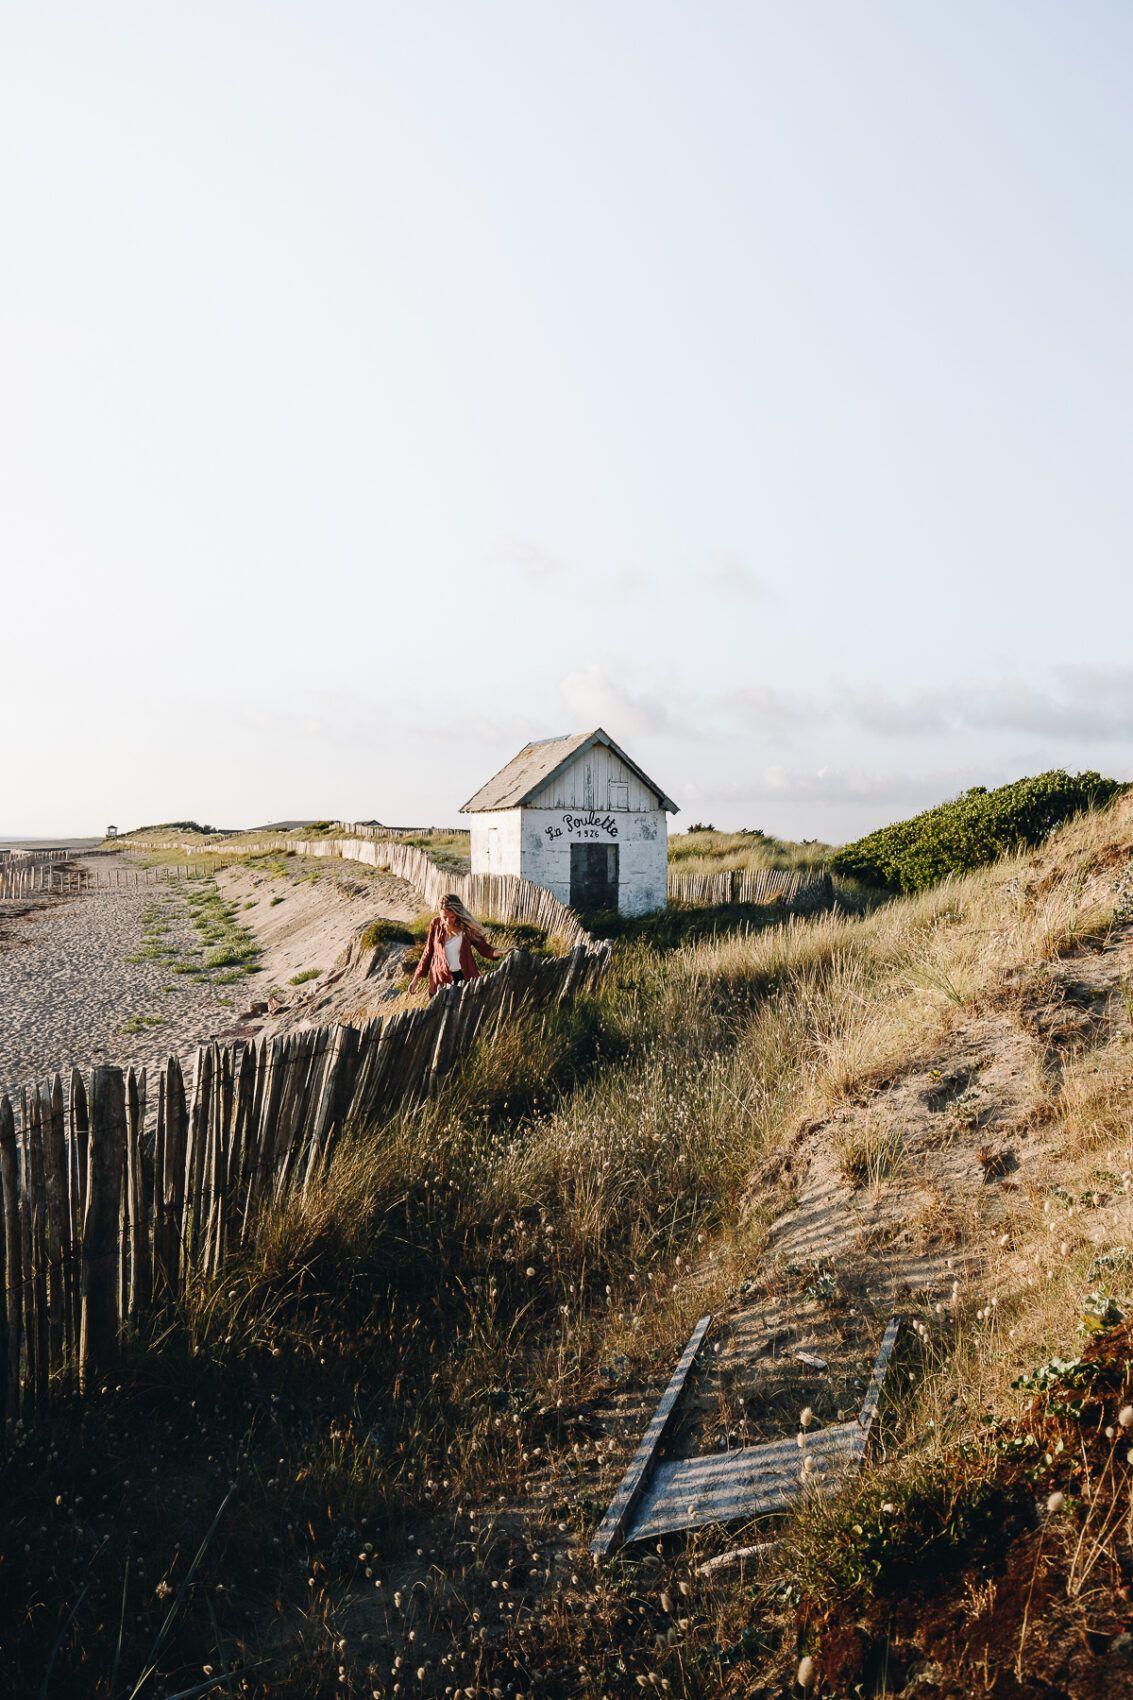 Normandie, France. Retrouvez le récit de notre séjour dans la Manche, à la découverte de Coutances et de son littoral, sur notre blog voyage. Visit Normandy.